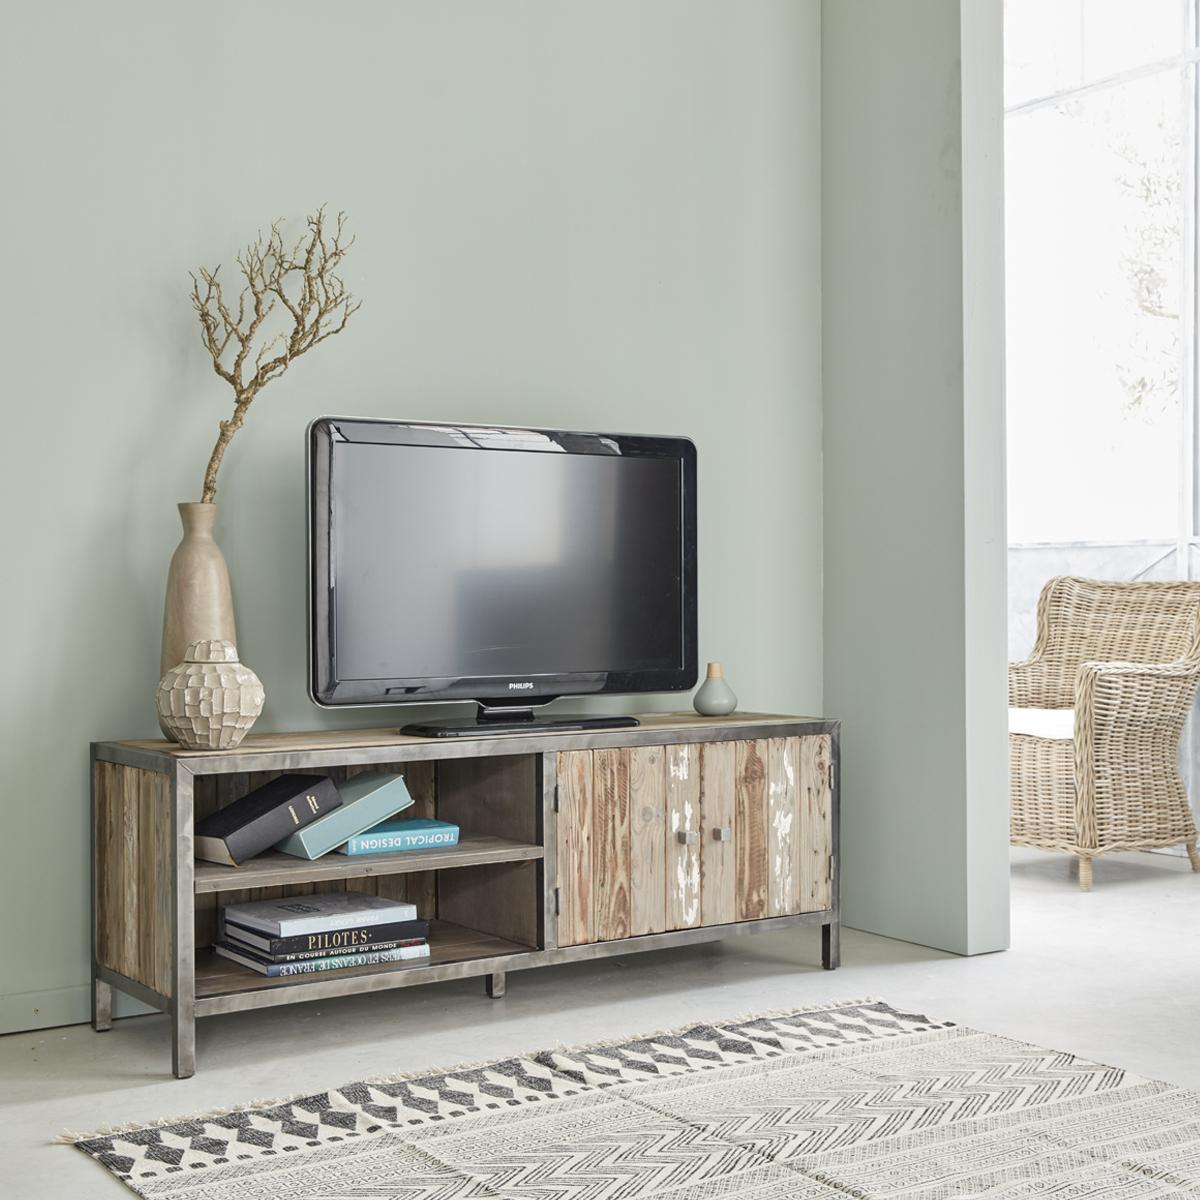 Meubles Tv En Bois Bois Dessus Bois Dessous # Meuble Tv Bois Recycle